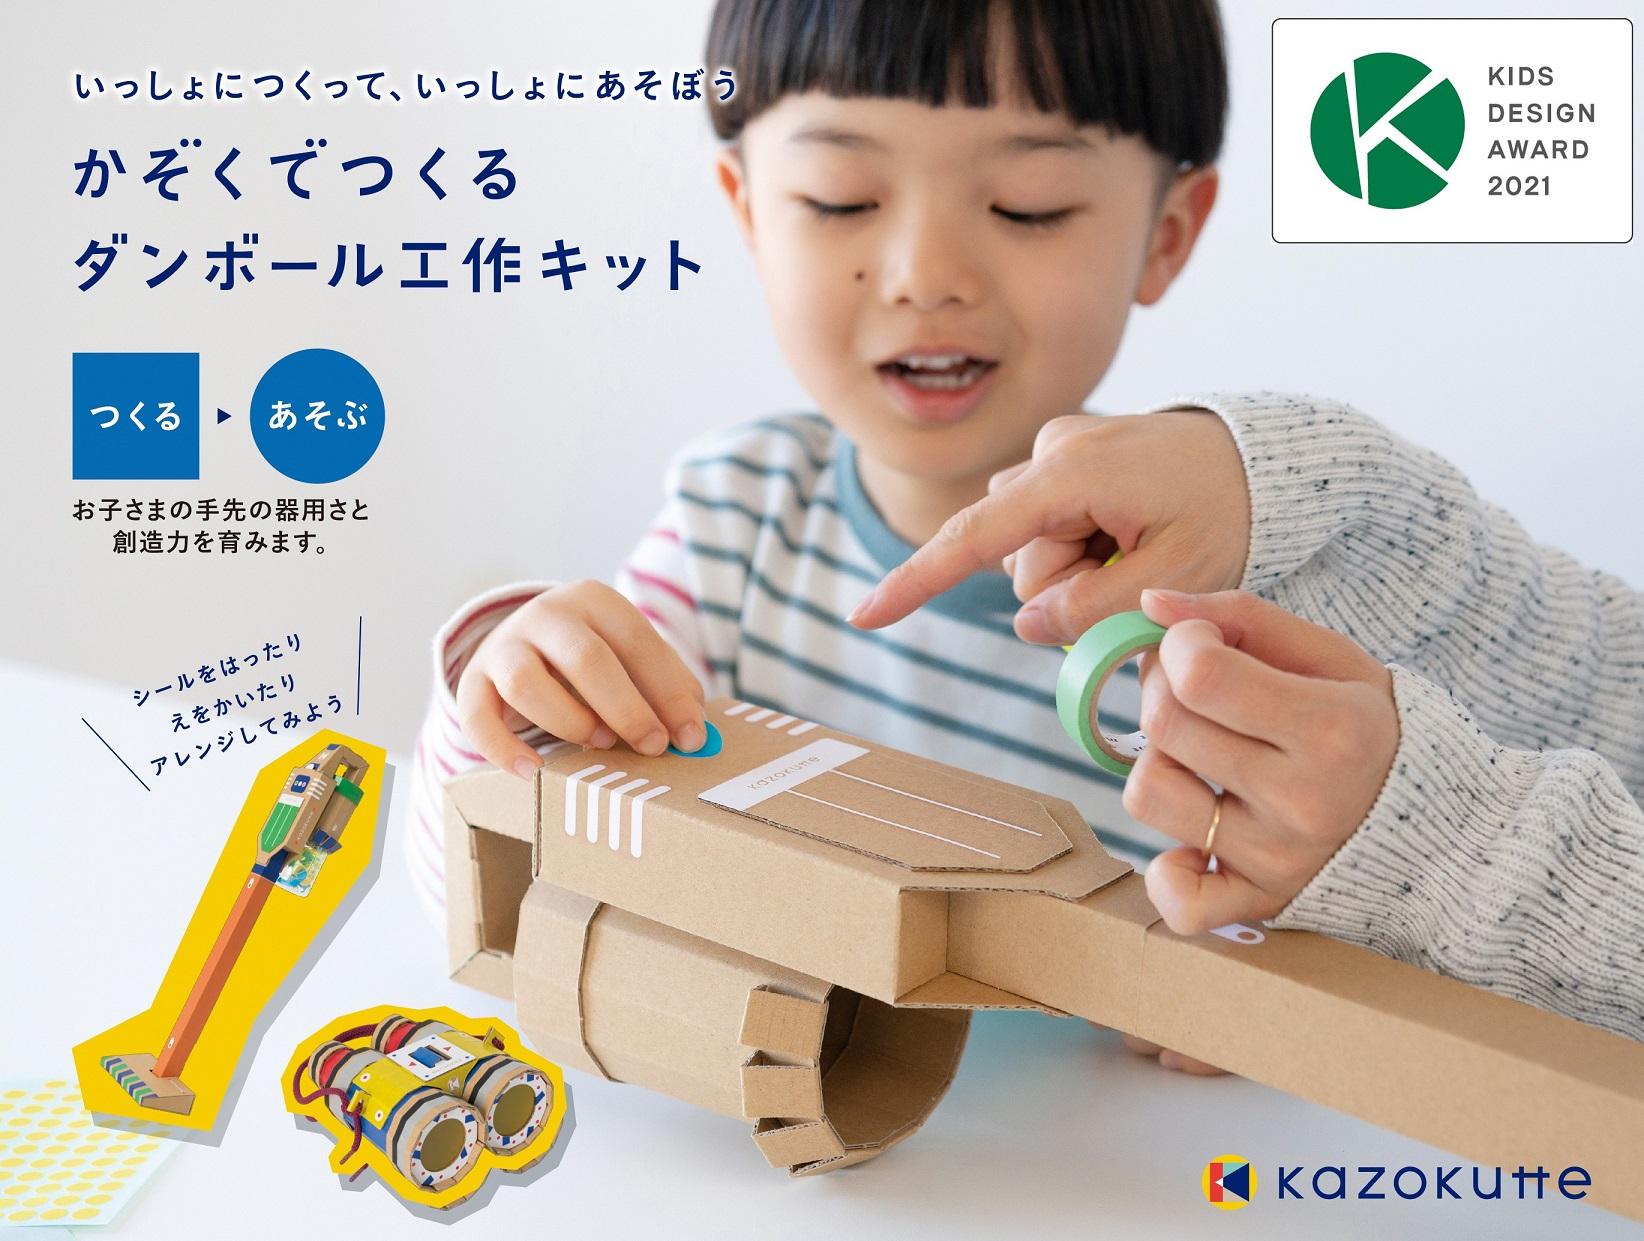 Kazokutteの「ダンボール工作キット」が第15回キッズデザイン賞を受賞しました!